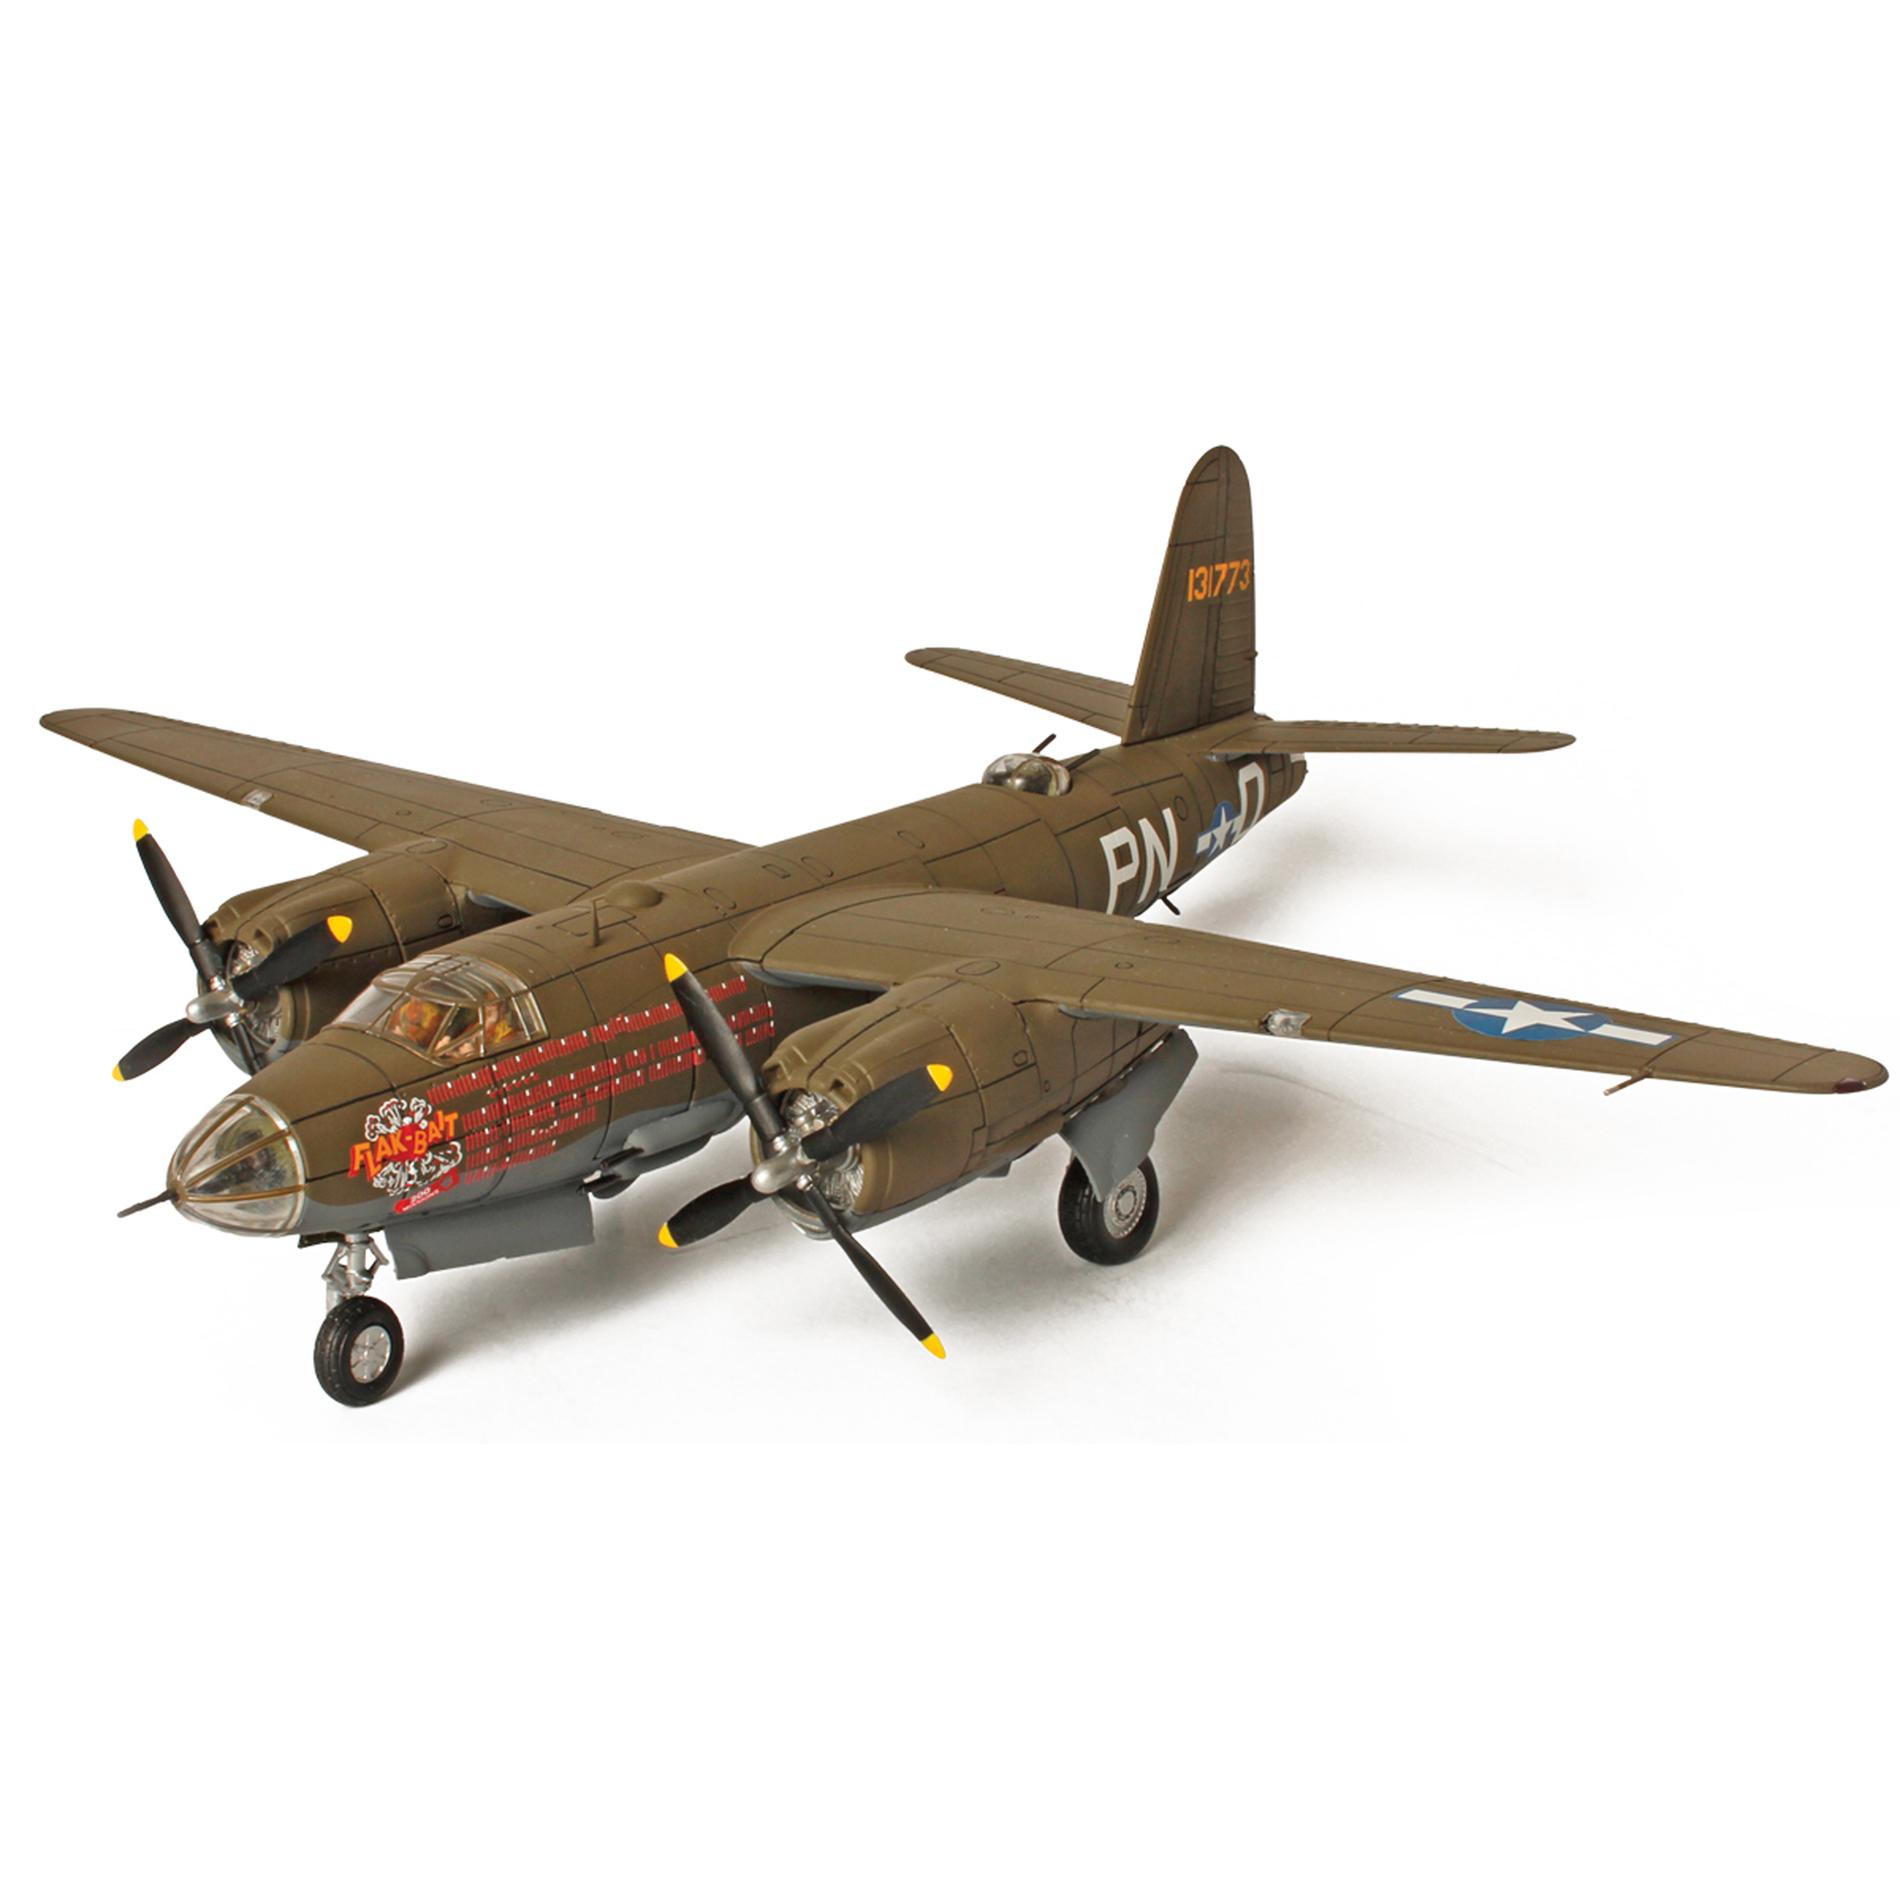 Коллекционная модель - американский бомбардировщик B-26B Marauder, Бельгия, 1945 года, 1:72Коллекционные модели самолетов<br>Коллекционная модель - американский бомбардировщик B-26B Marauder, Бельгия, 1945 года, 1:72<br>